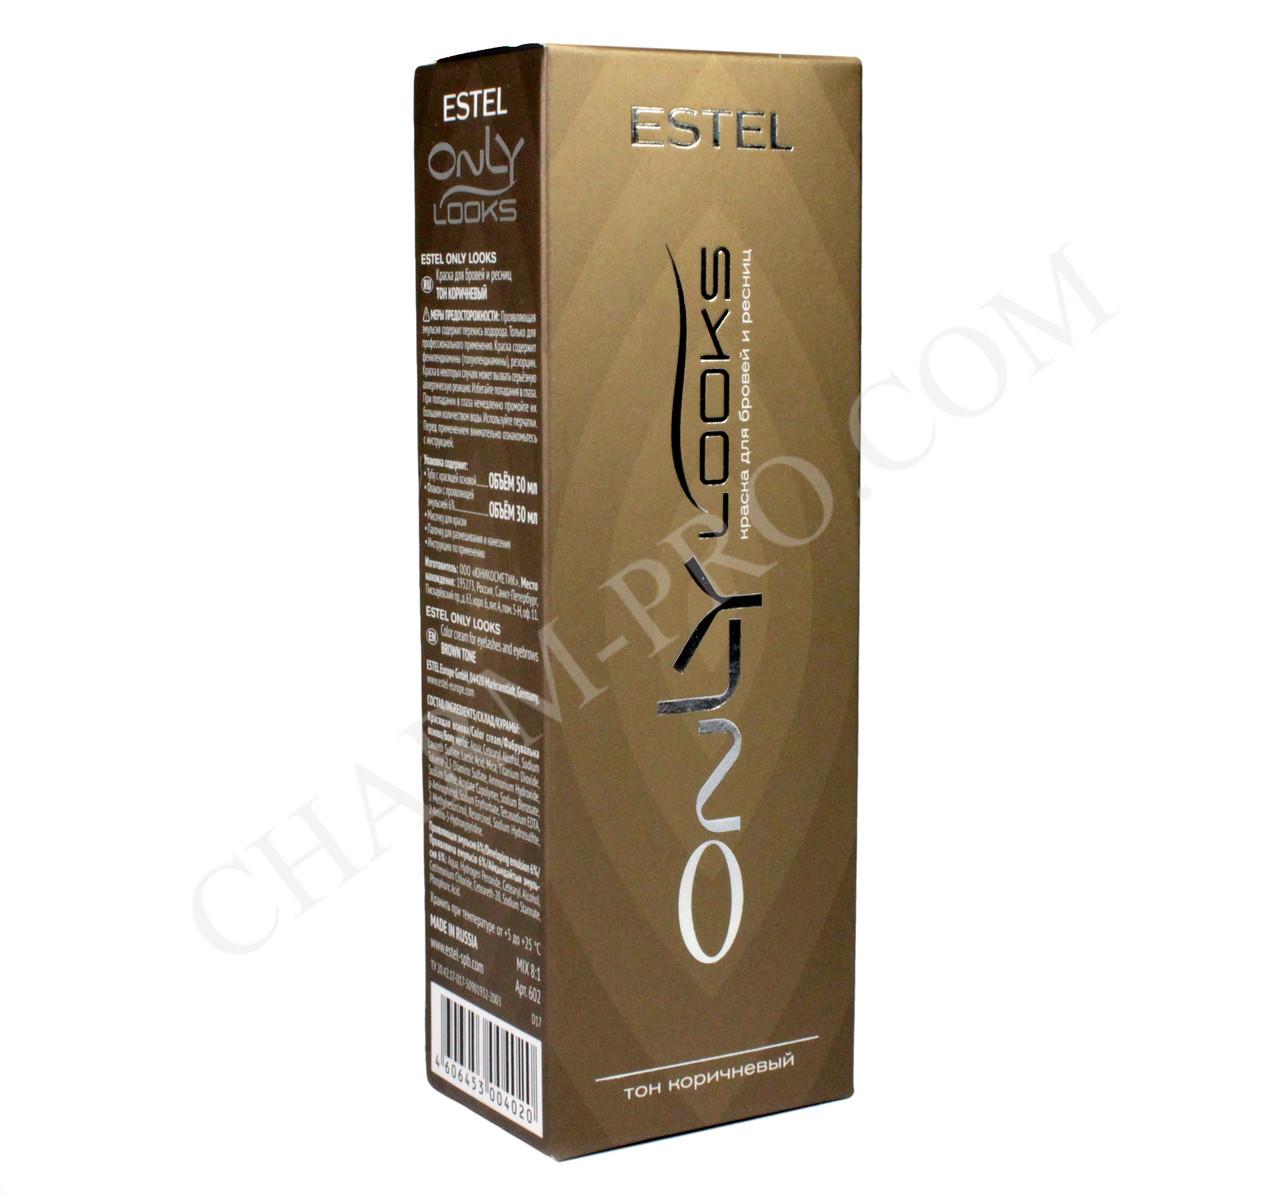 Краска для бровей и ресниц Estel Professional Only looks (коричневая)